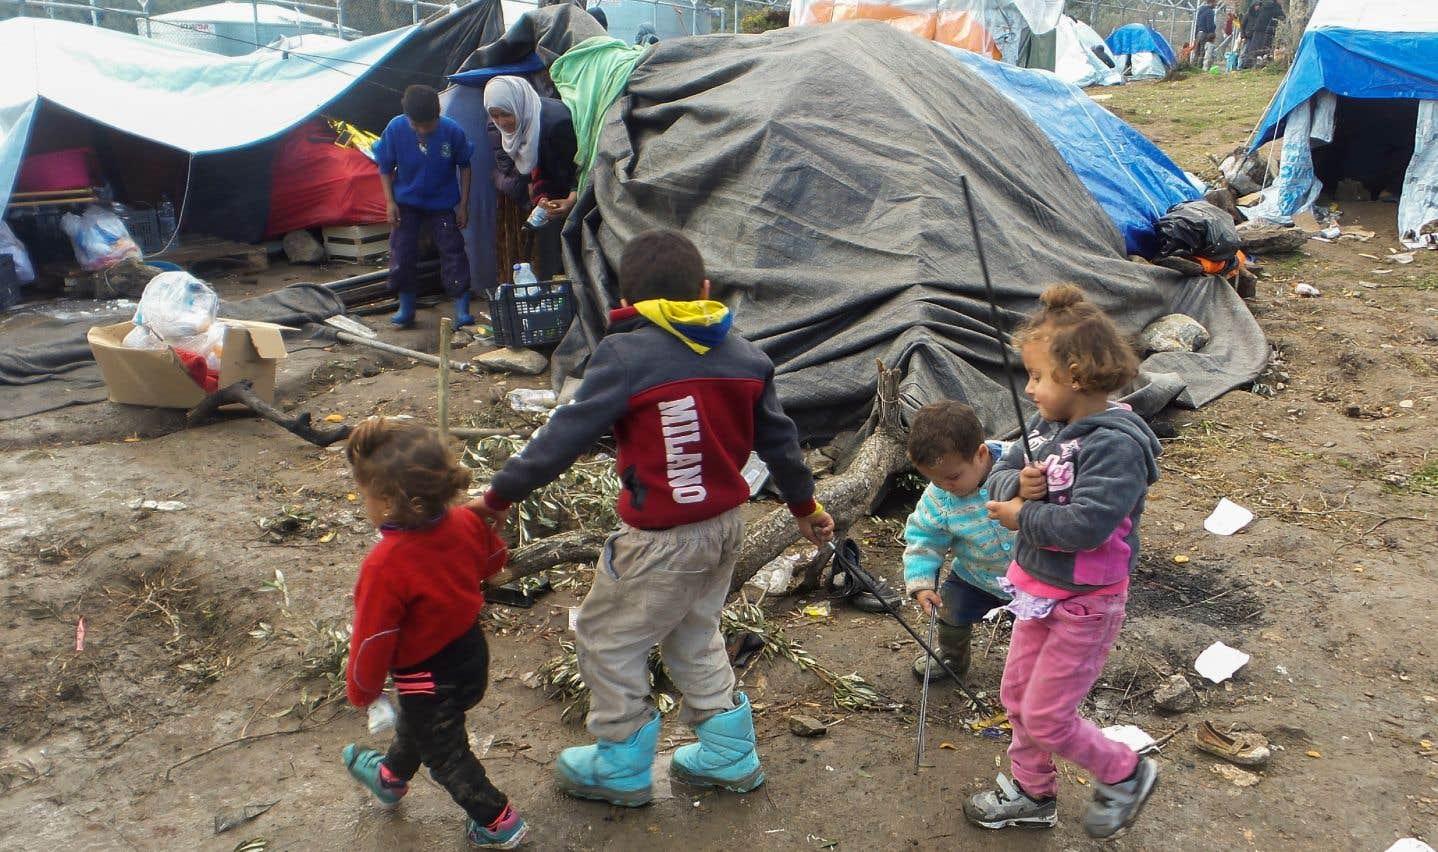 La Grèce s'apprête à vider ses îles de milliers de migrants avant l'hiver